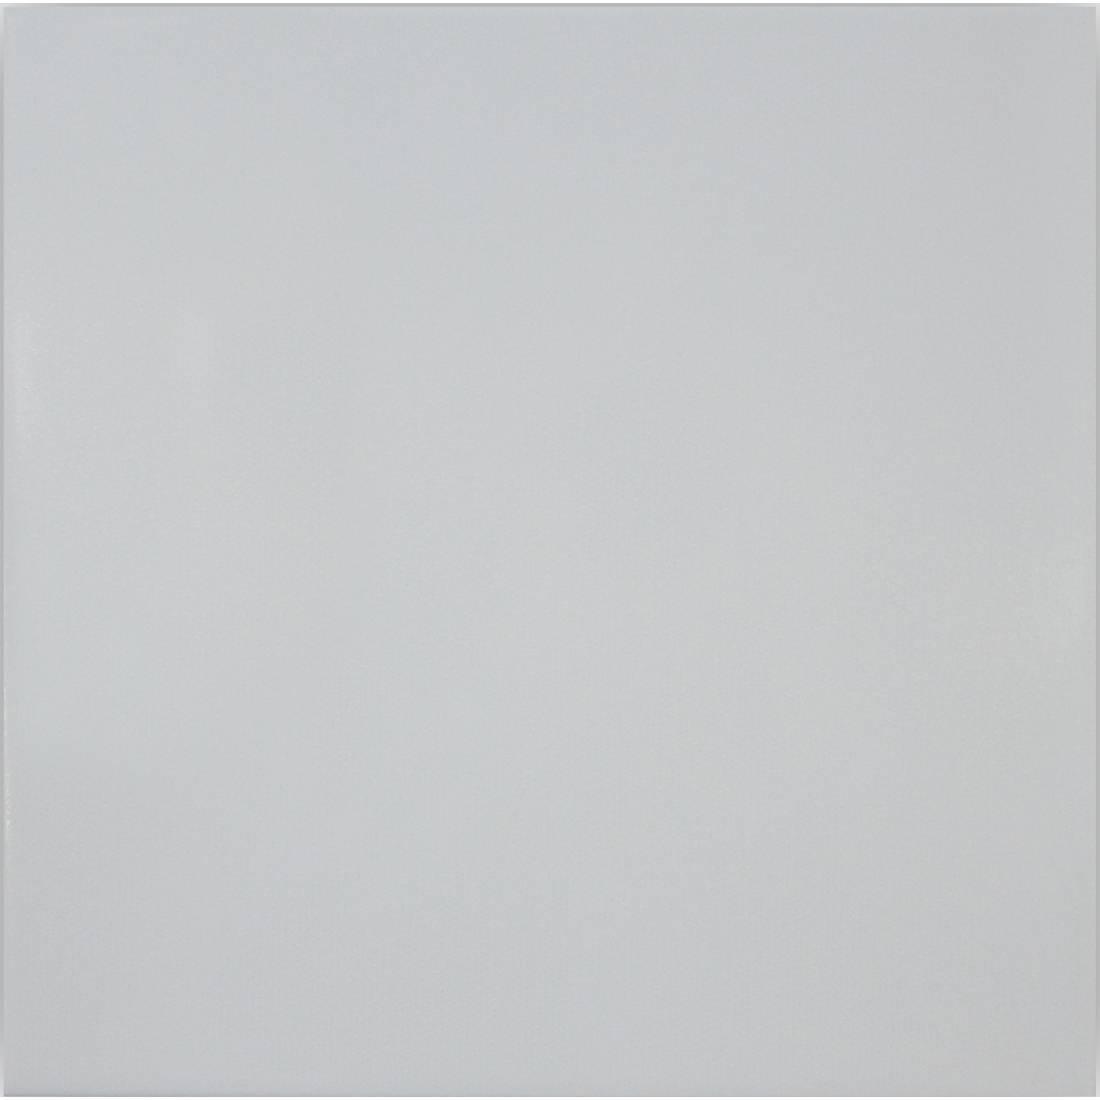 Blink 30x30 White 1